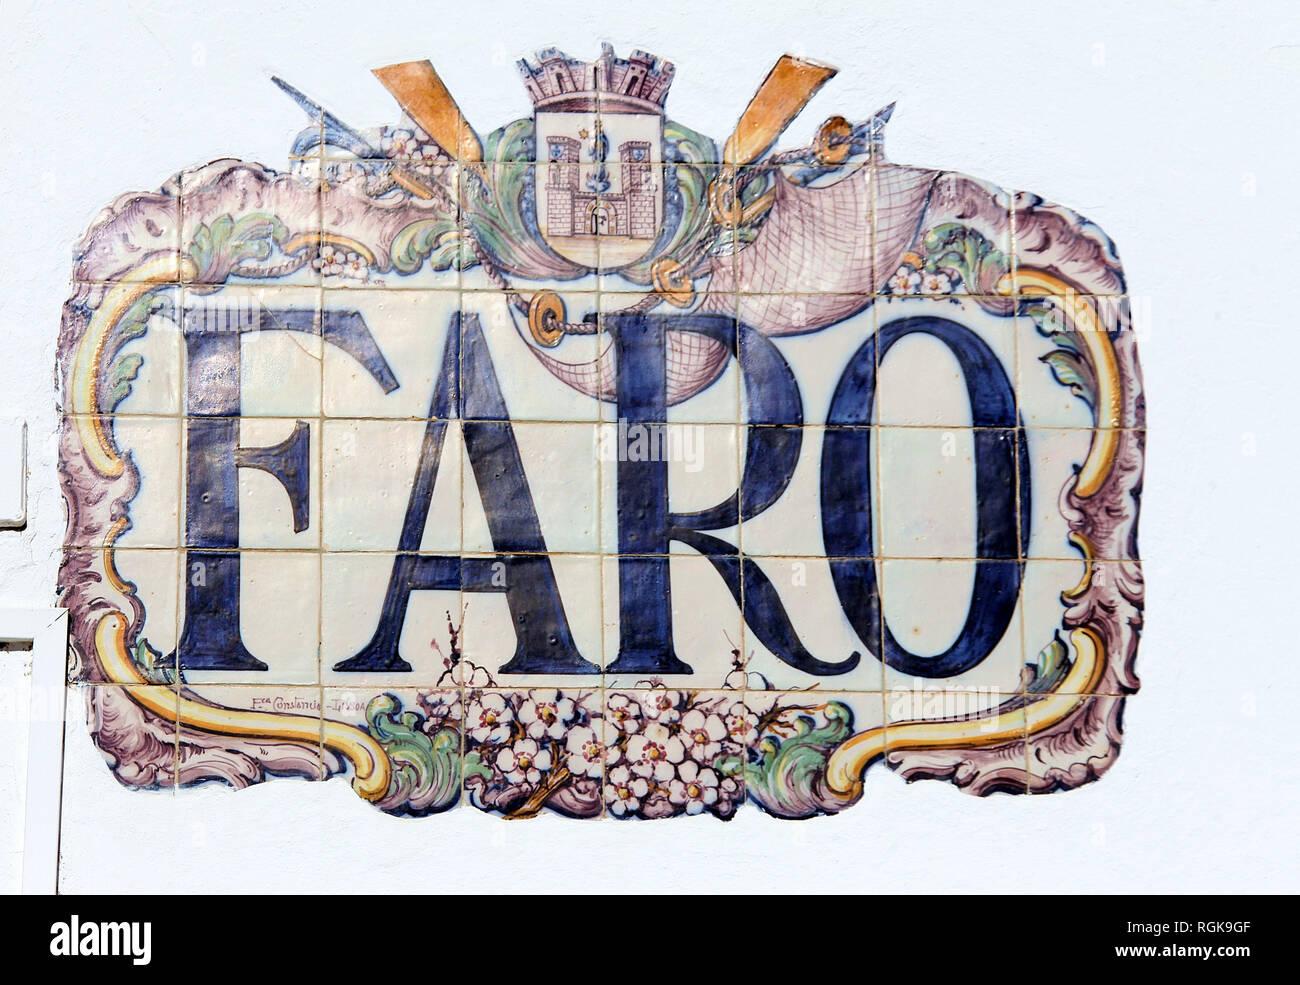 Azulejos at Faro Railway Station - Stock Image